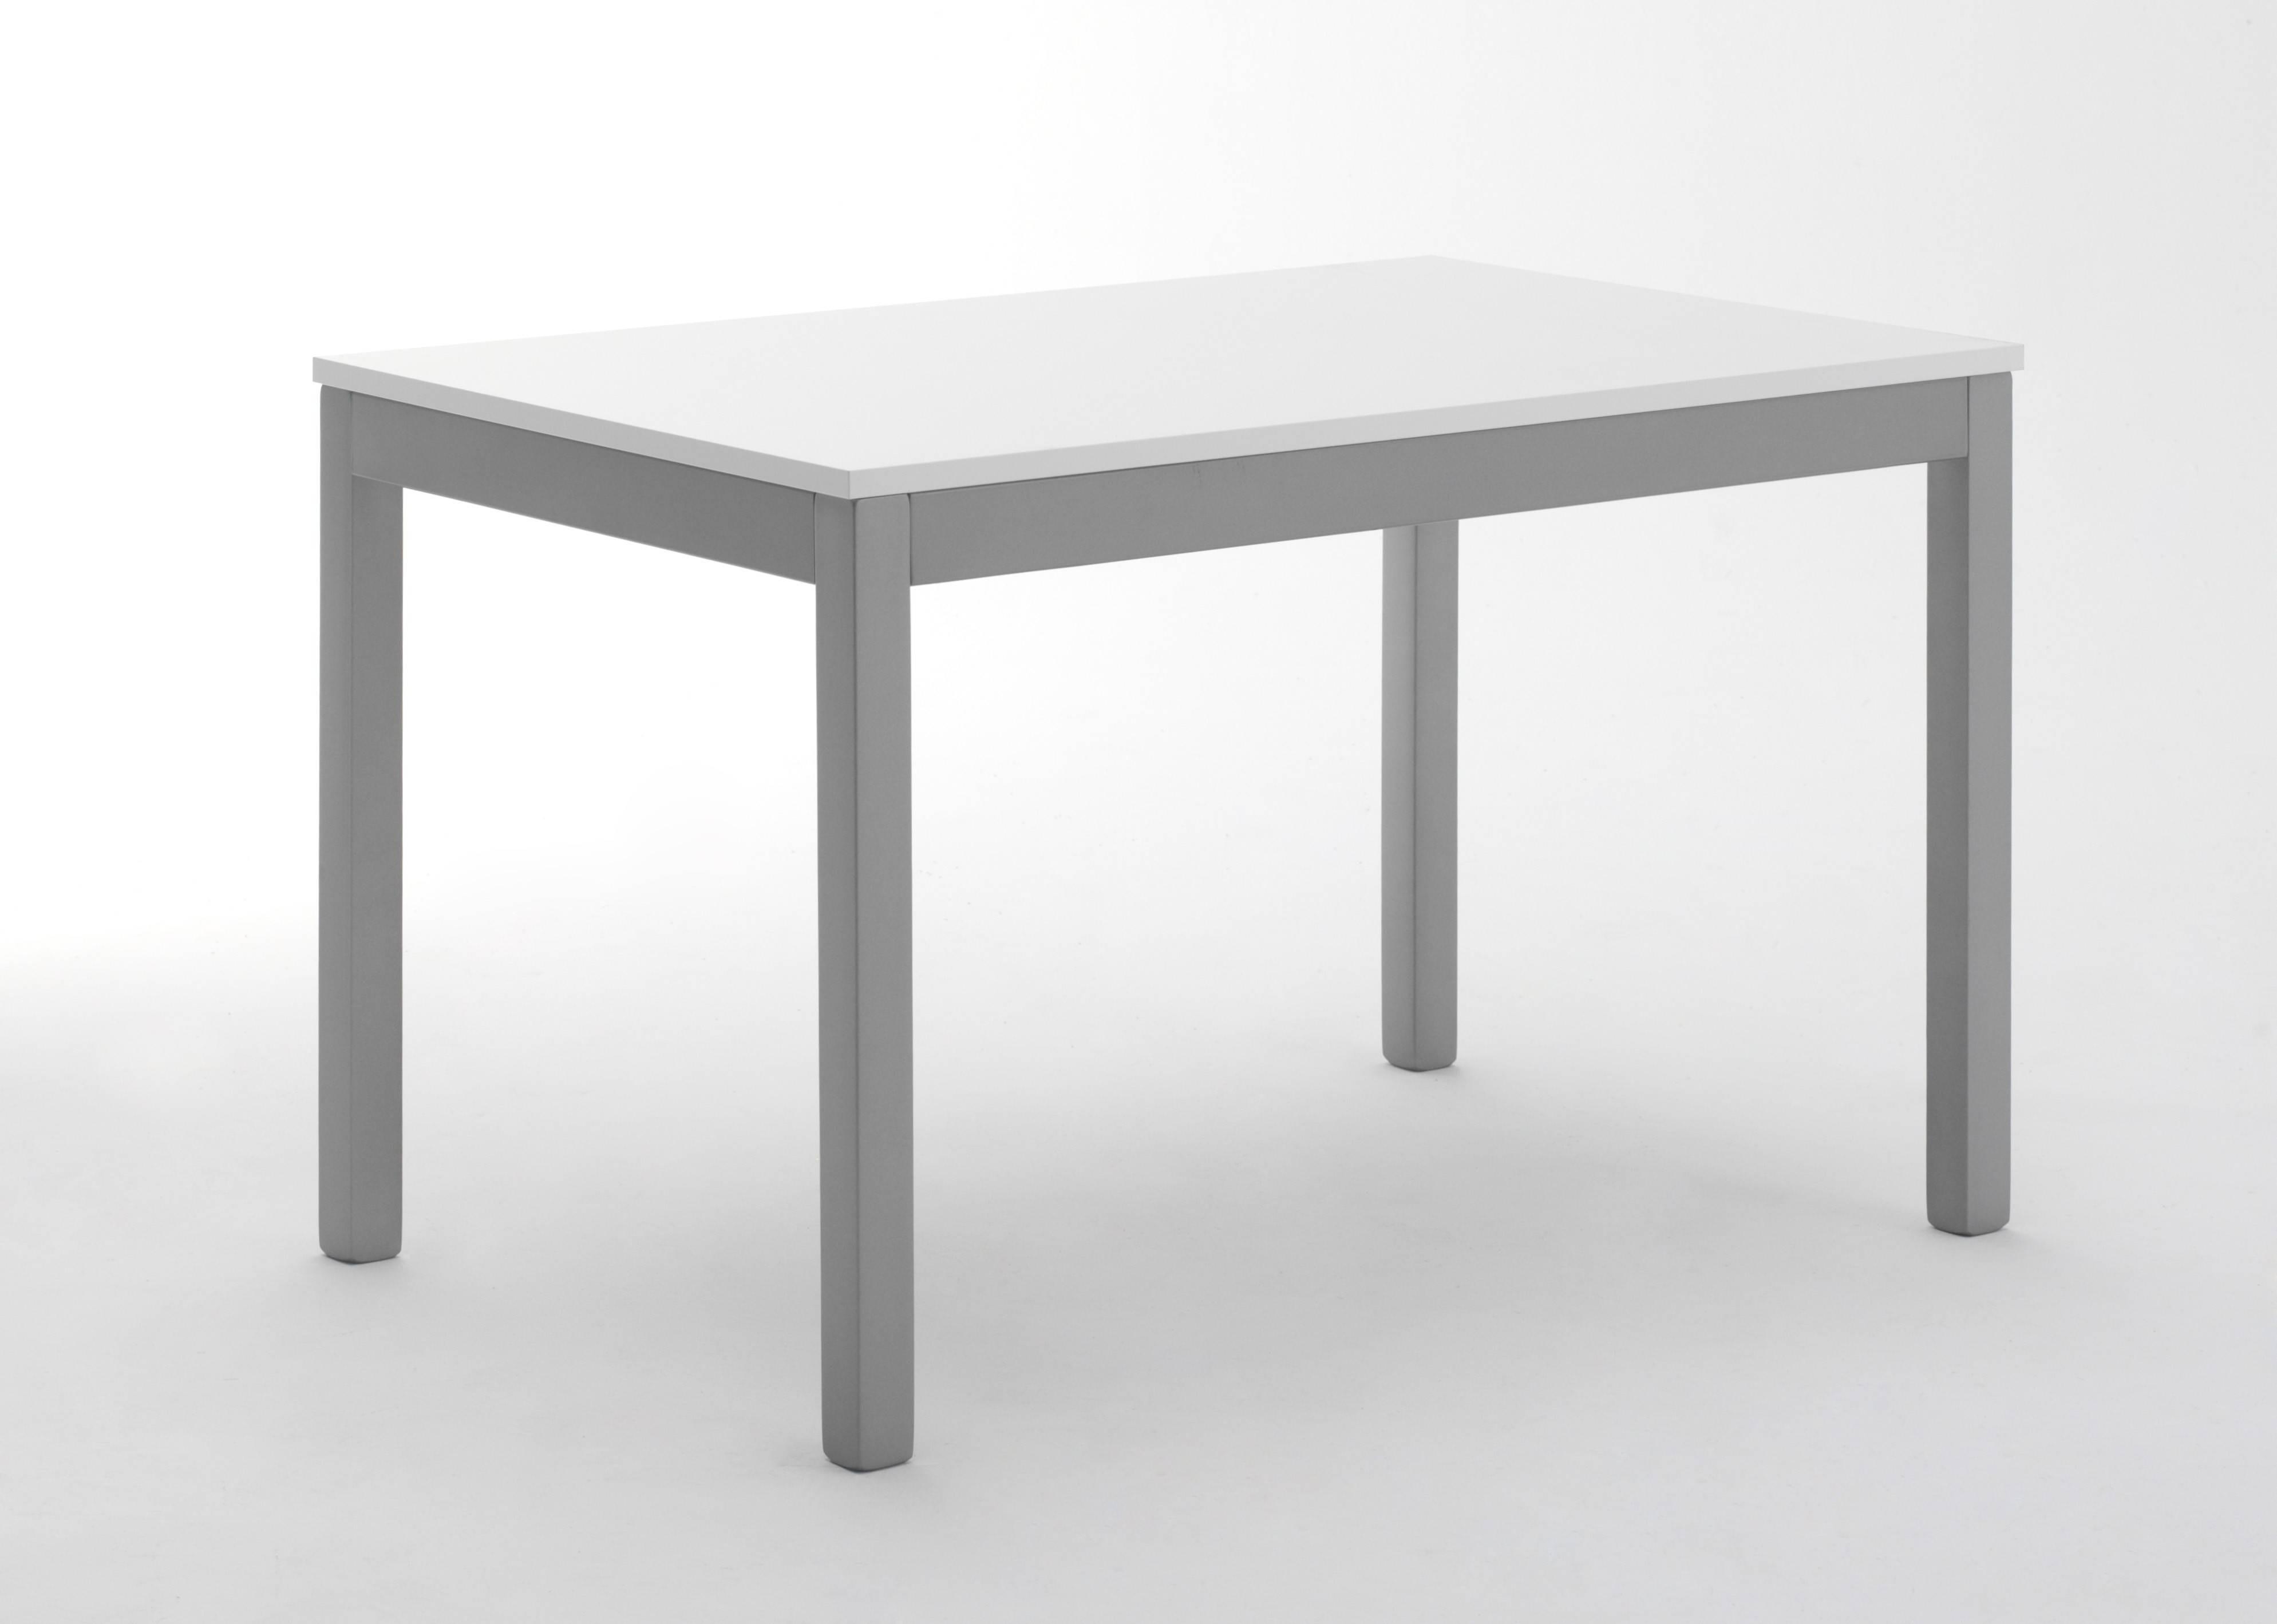 tavolo-urano-allungabile-piano-in-nobilitato-bianco-e-gambe-laccato-alluminio-made-in-italy.jpg